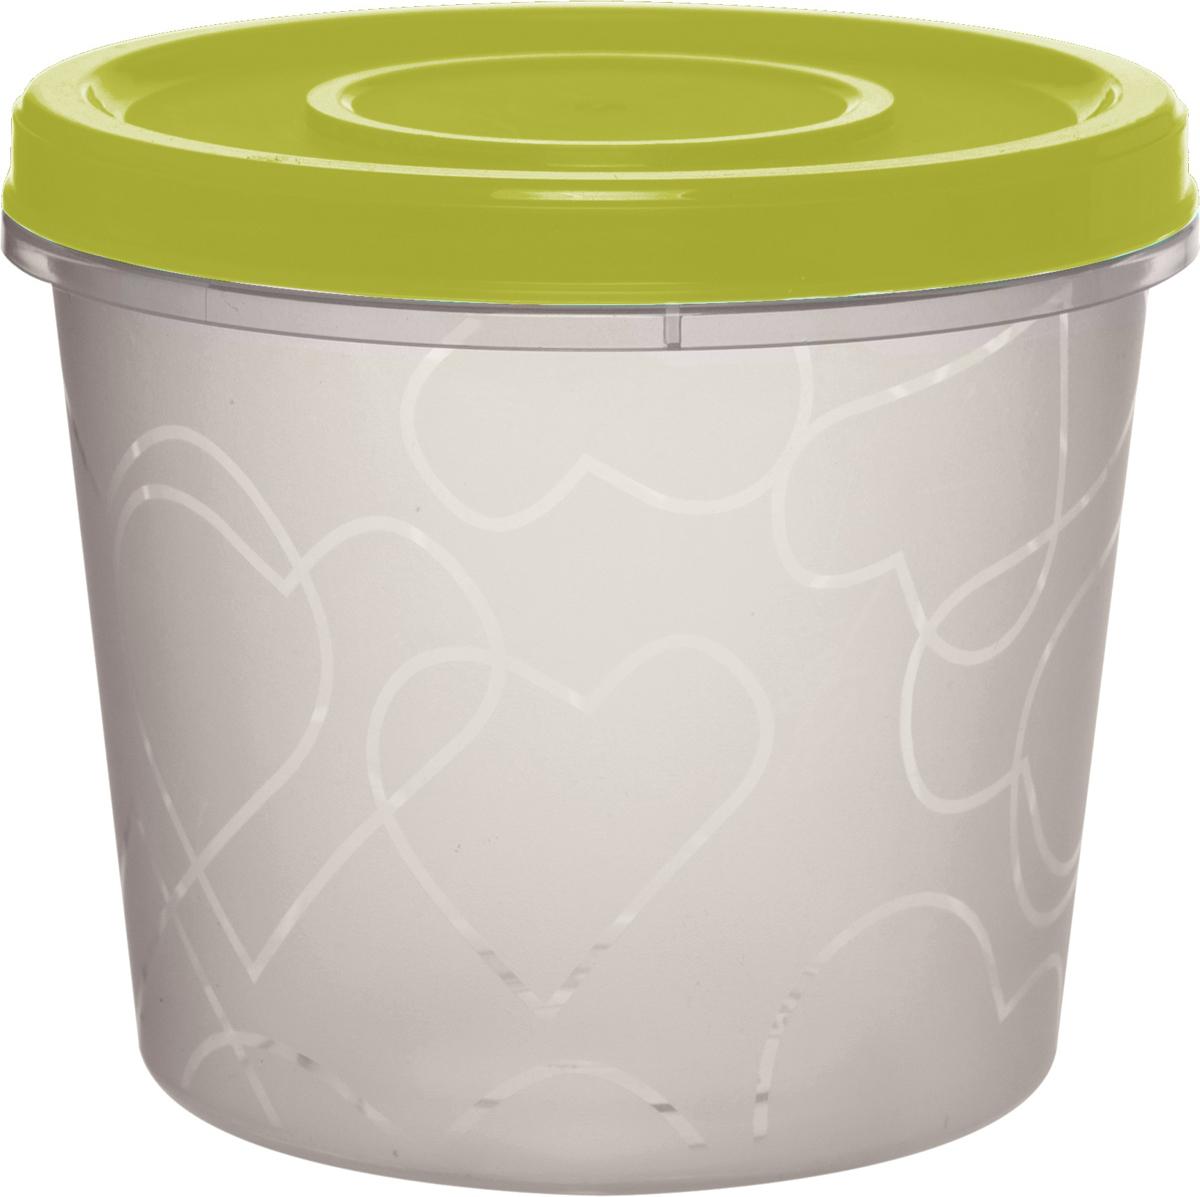 Емкость для продуктов Giaretti, цвет: оливковая роща, с завинчивающейся крышкой, 700 млGR1888ОЛЕмкость для продуктов Giaretti изготовлена из пищевого полипропилена. Крышка хорошо завинчивается, дольше сохраняя продукты свежими. Боковые стенки прозрачные, что позволяет видеть содержимое.Емкость идеально подходит для хранения пищи, фруктов, ягод, овощей.Такая емкость пригодится в любом хозяйстве.